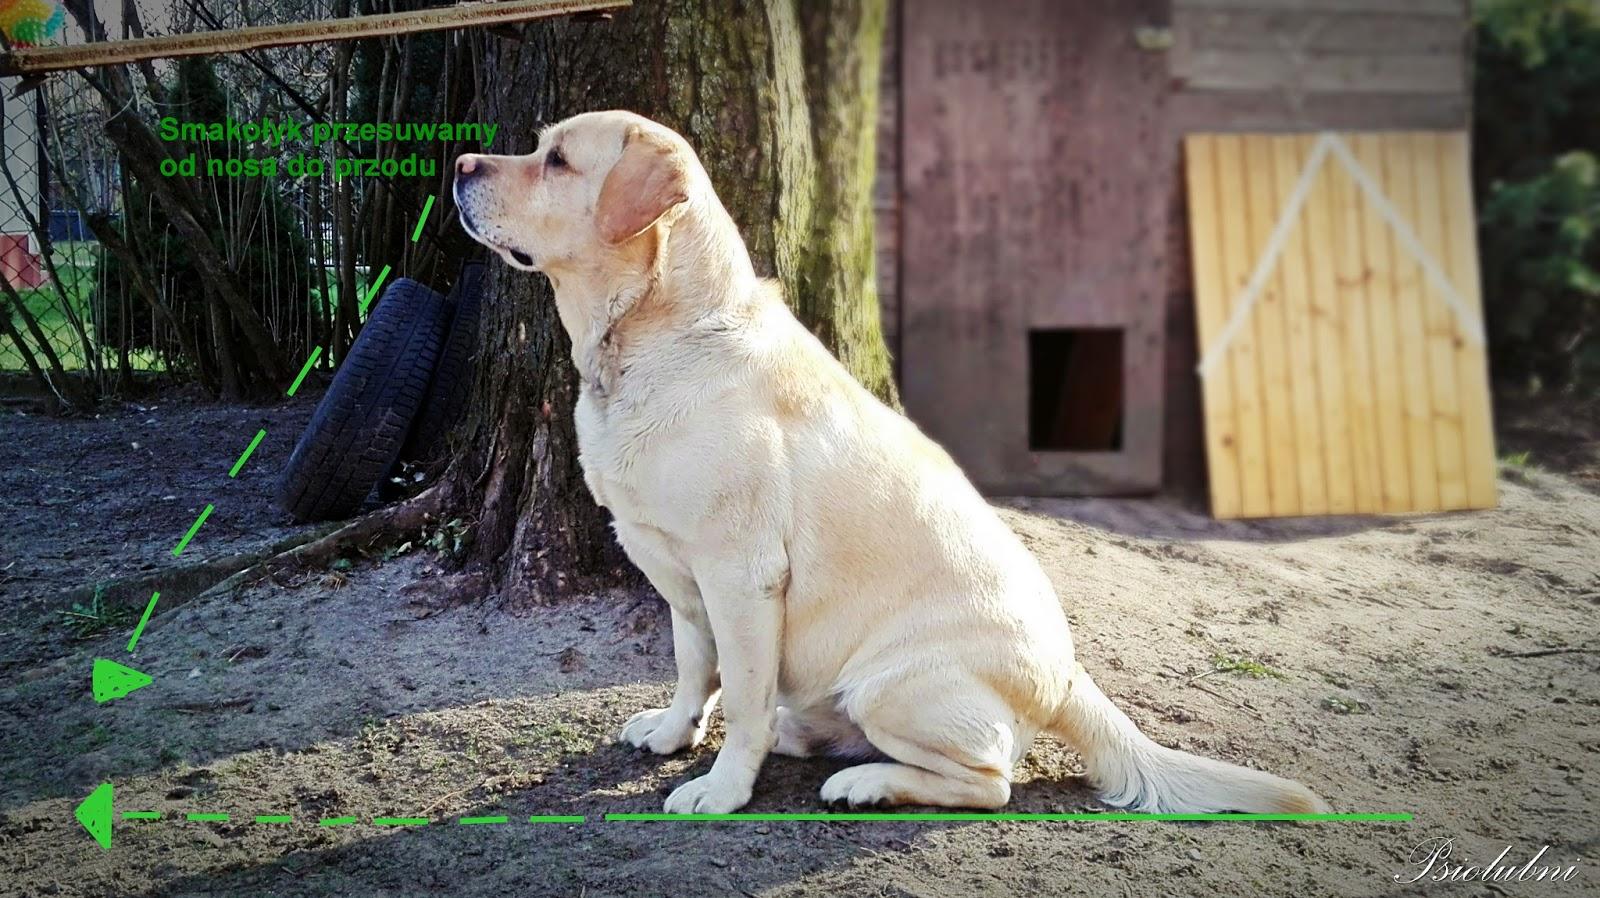 jak nauczyć psa komendy leżeć, waruj psy, psiolubni.com.pl, poradnik dla właścicieli psów, blog o psach,